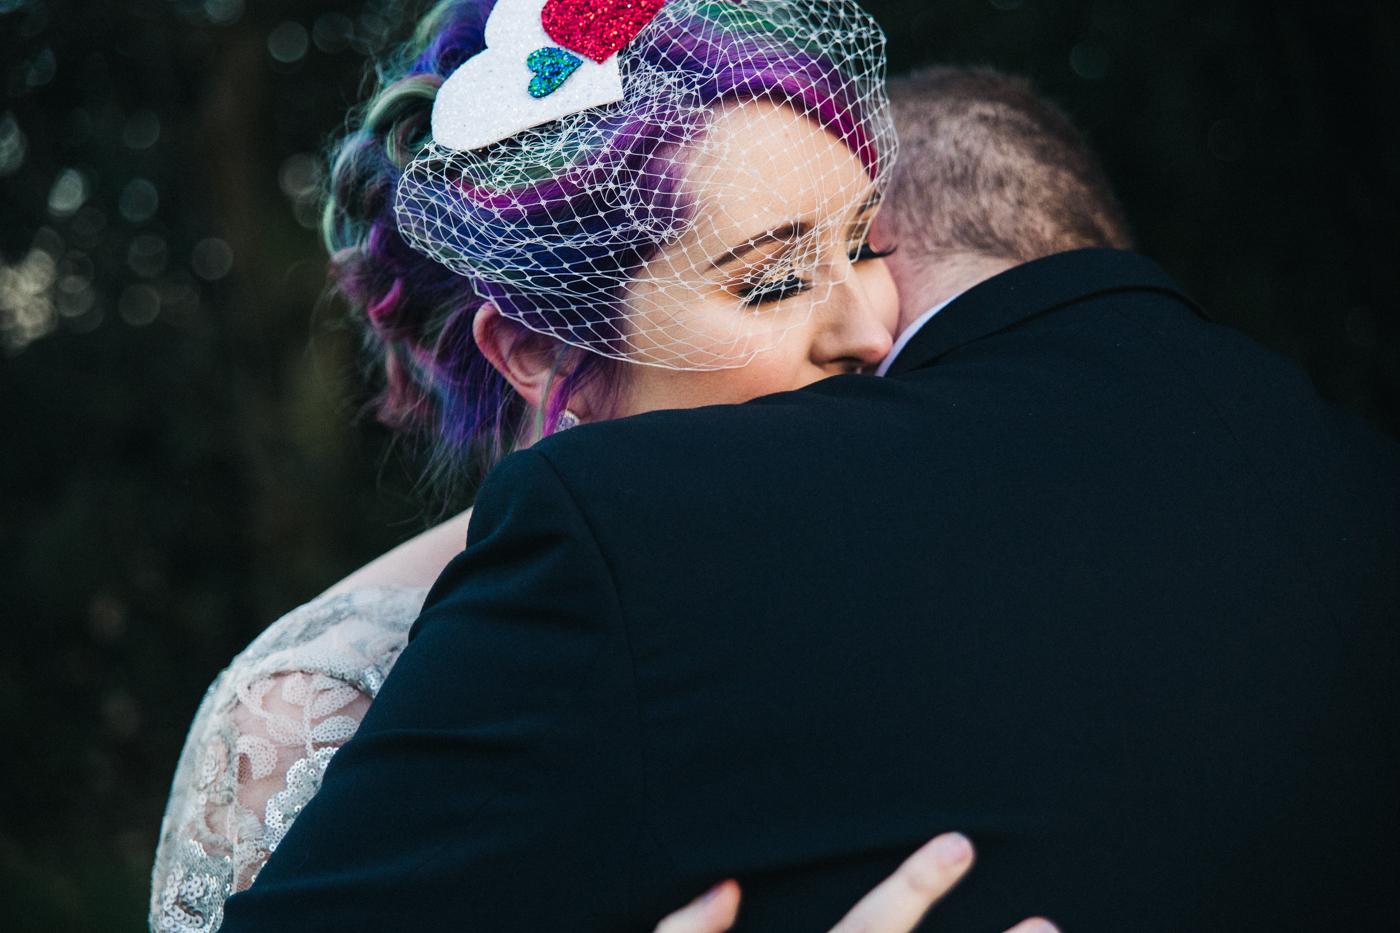 derby-derbyshire-wedding-photographer-creative-white-hart-inn-wedding-0010.jpg